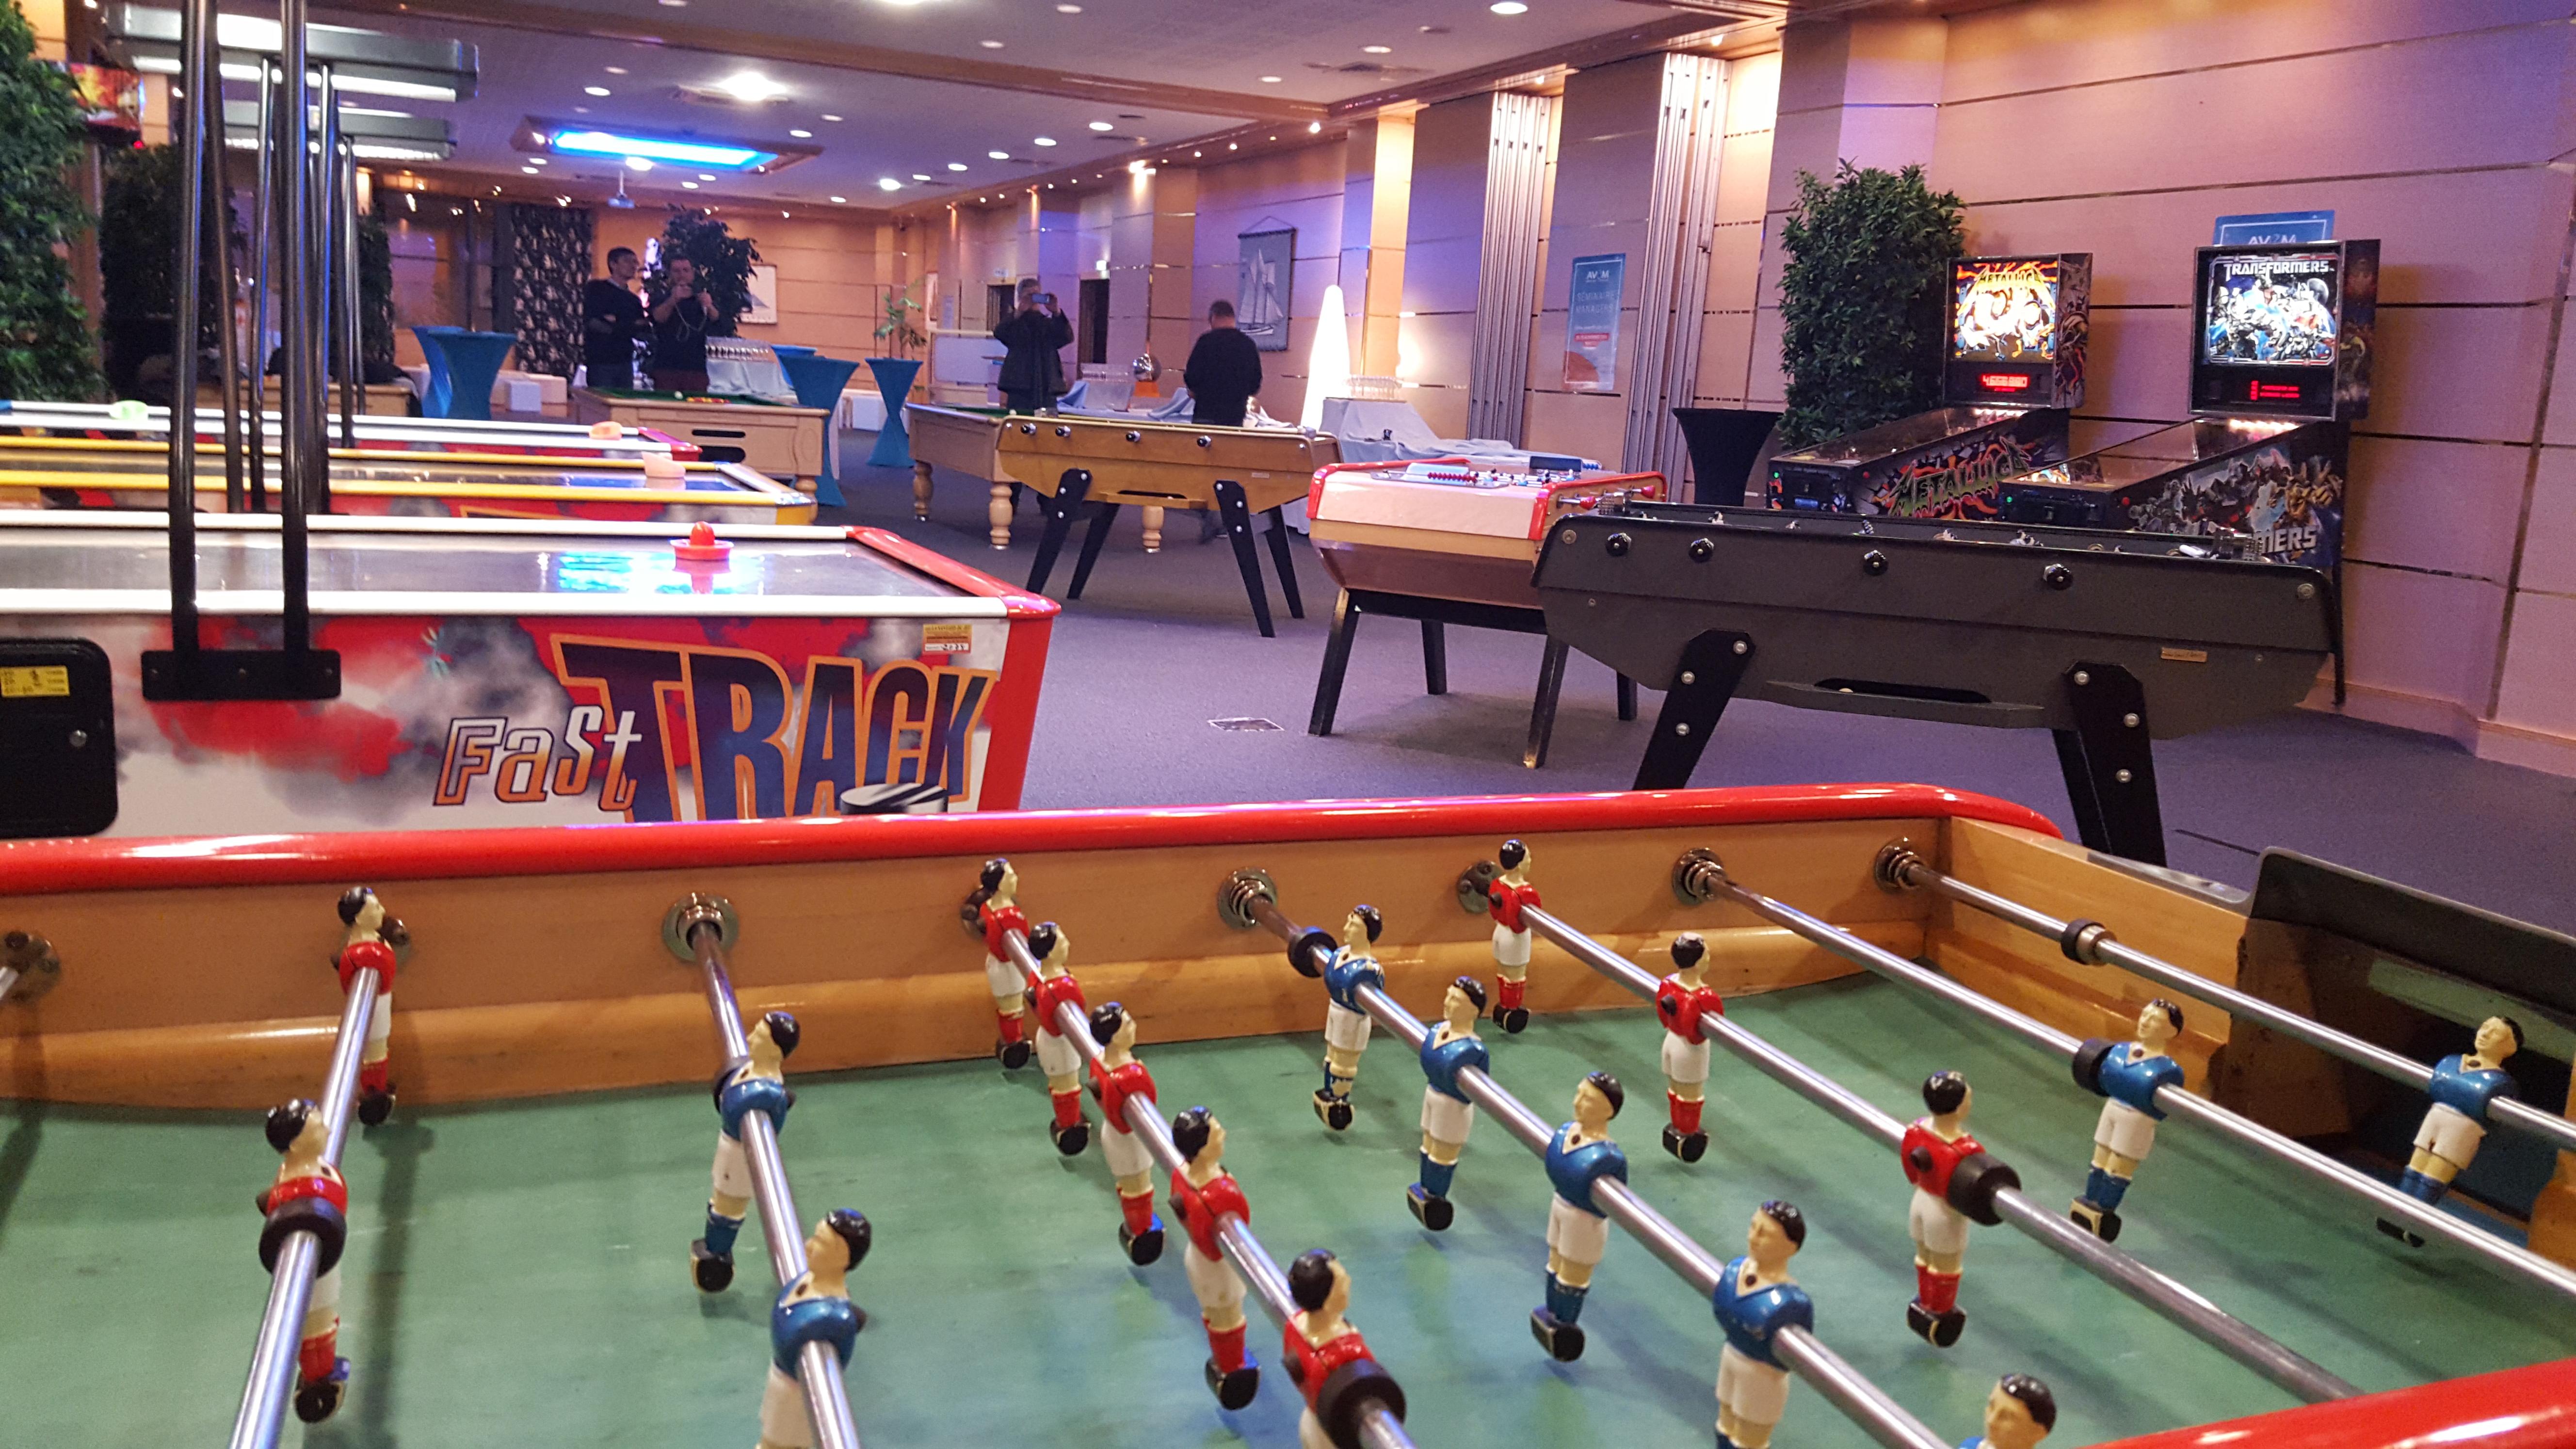 Organisation d'un team building jeux pour entreprise : Tournoi de jeux de bar - image 4